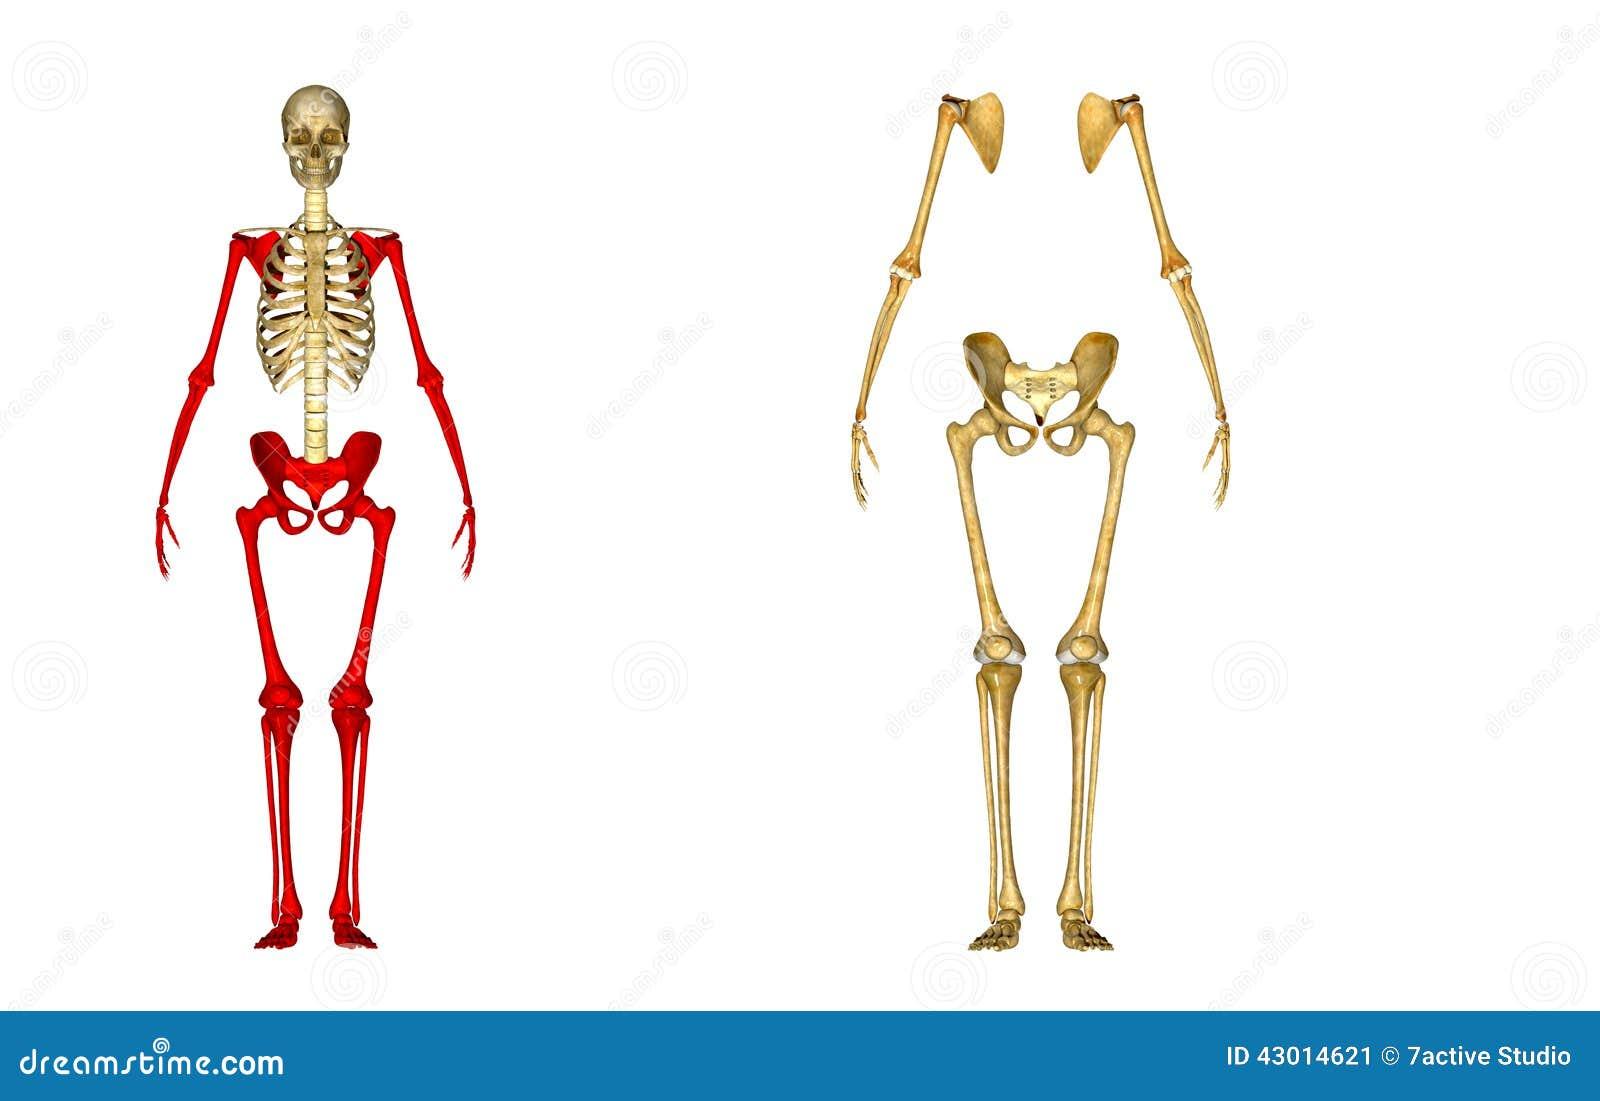 Esqueleto stock de ilustración. Ilustración de fundido - 43014621